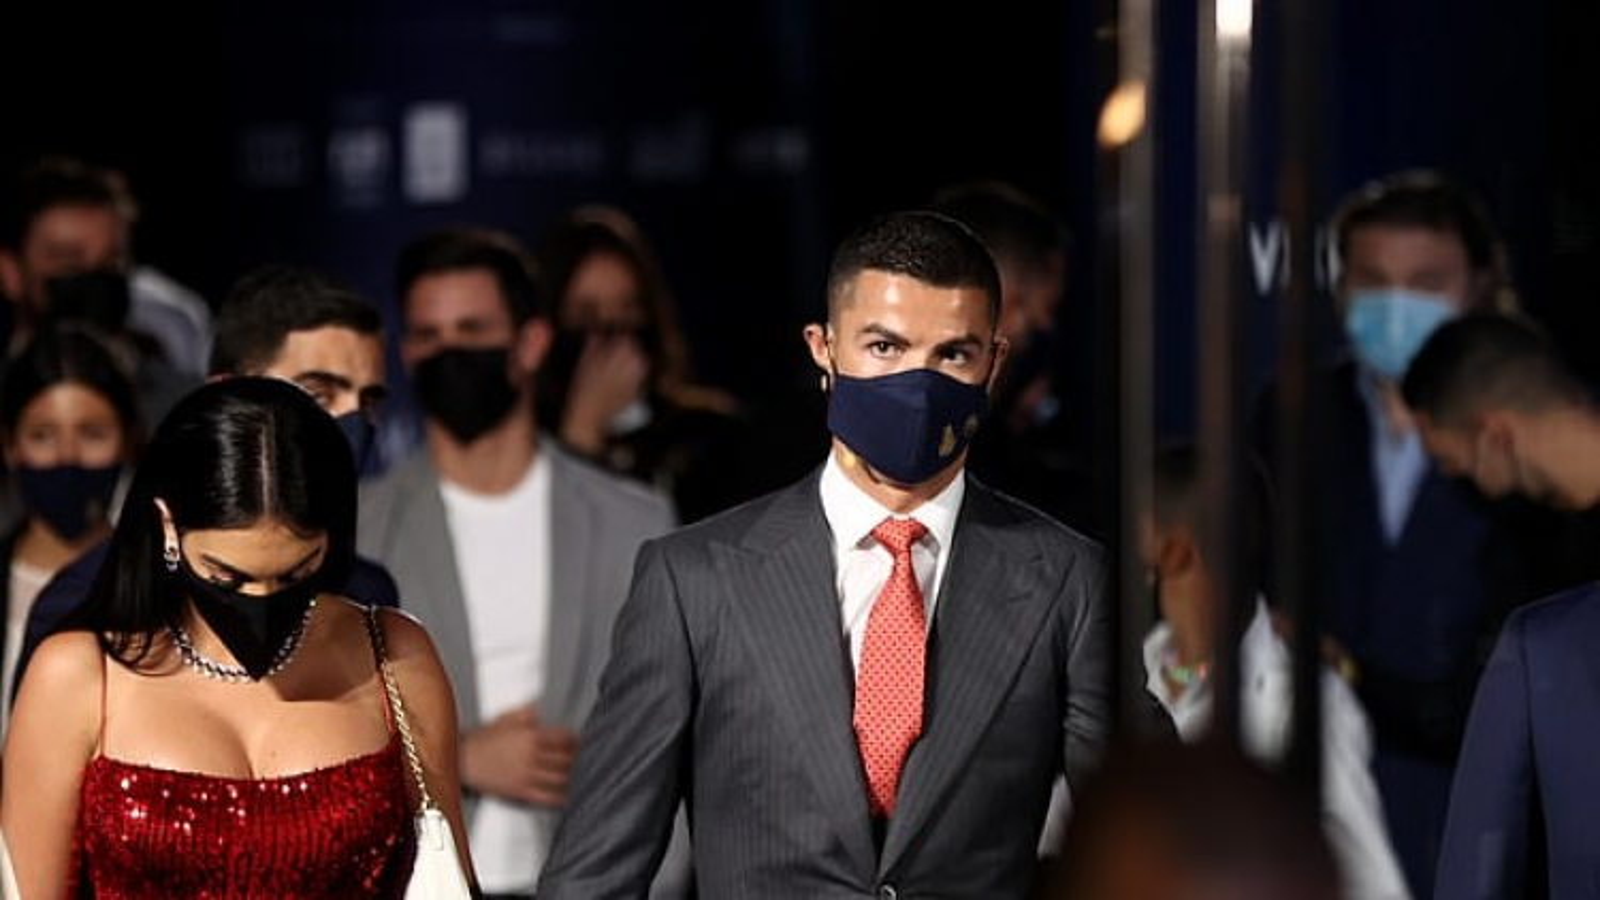 """""""Tình trẻ"""" của C.Ronaldo phô dáng """"bốc lửa"""" đi dự sự kiện cùng bạn trai"""